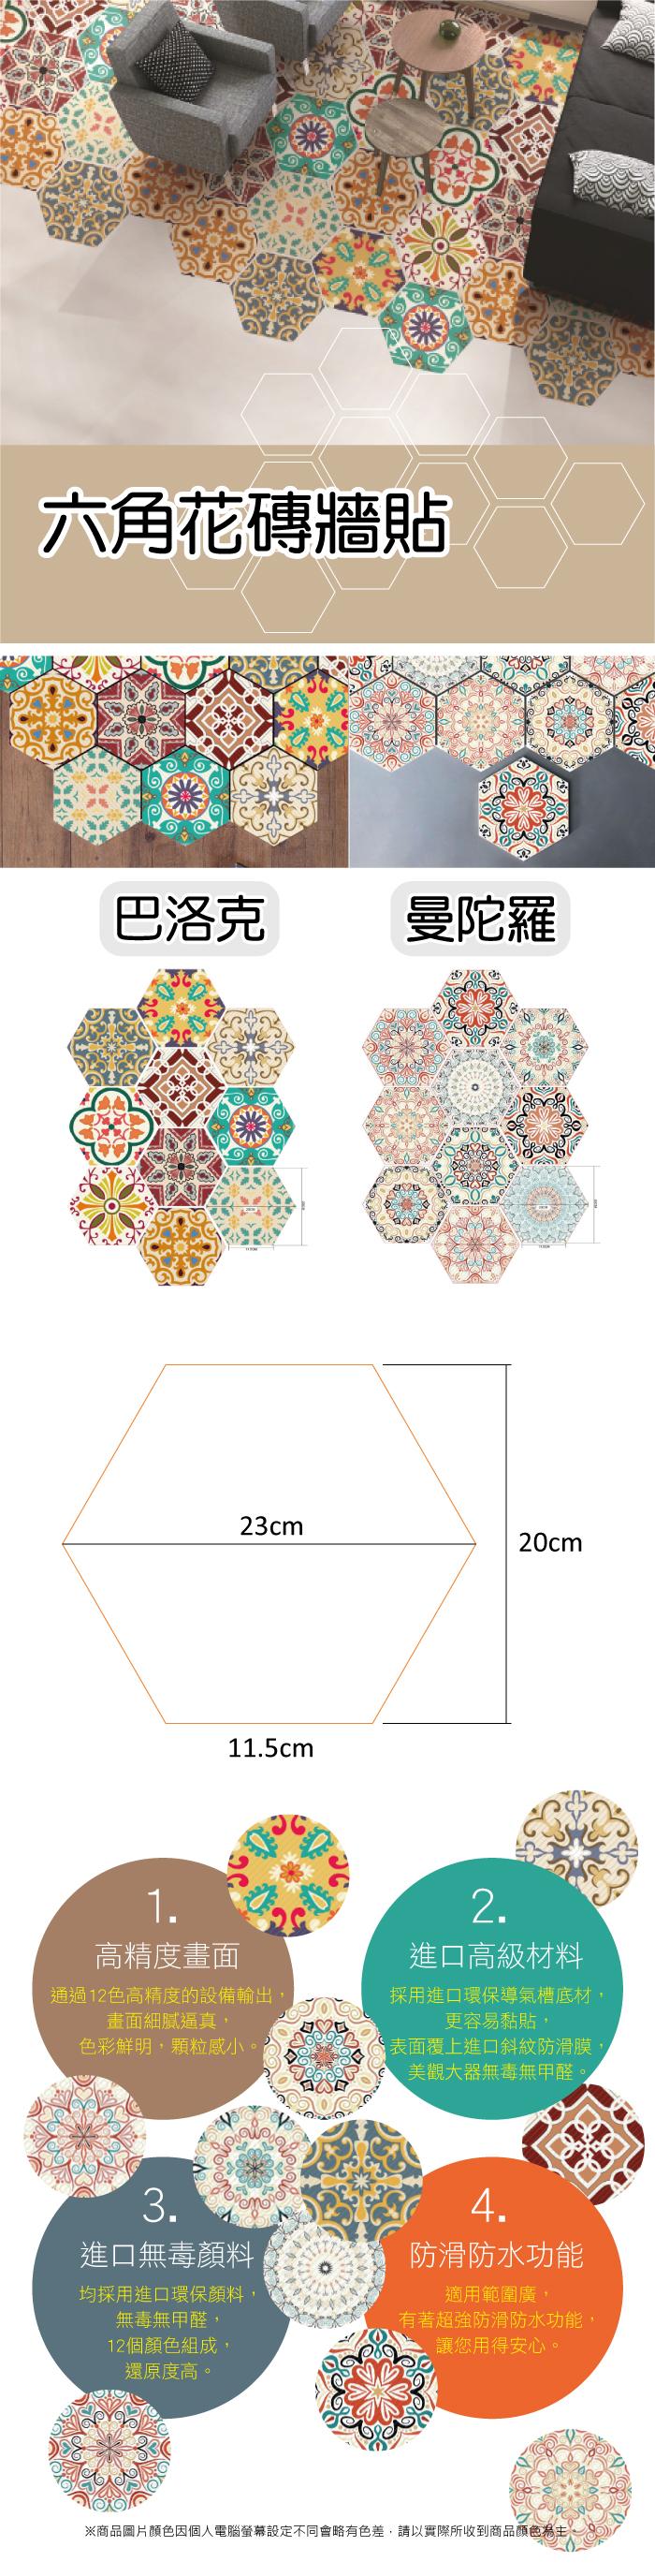 六角花磚牆貼介紹